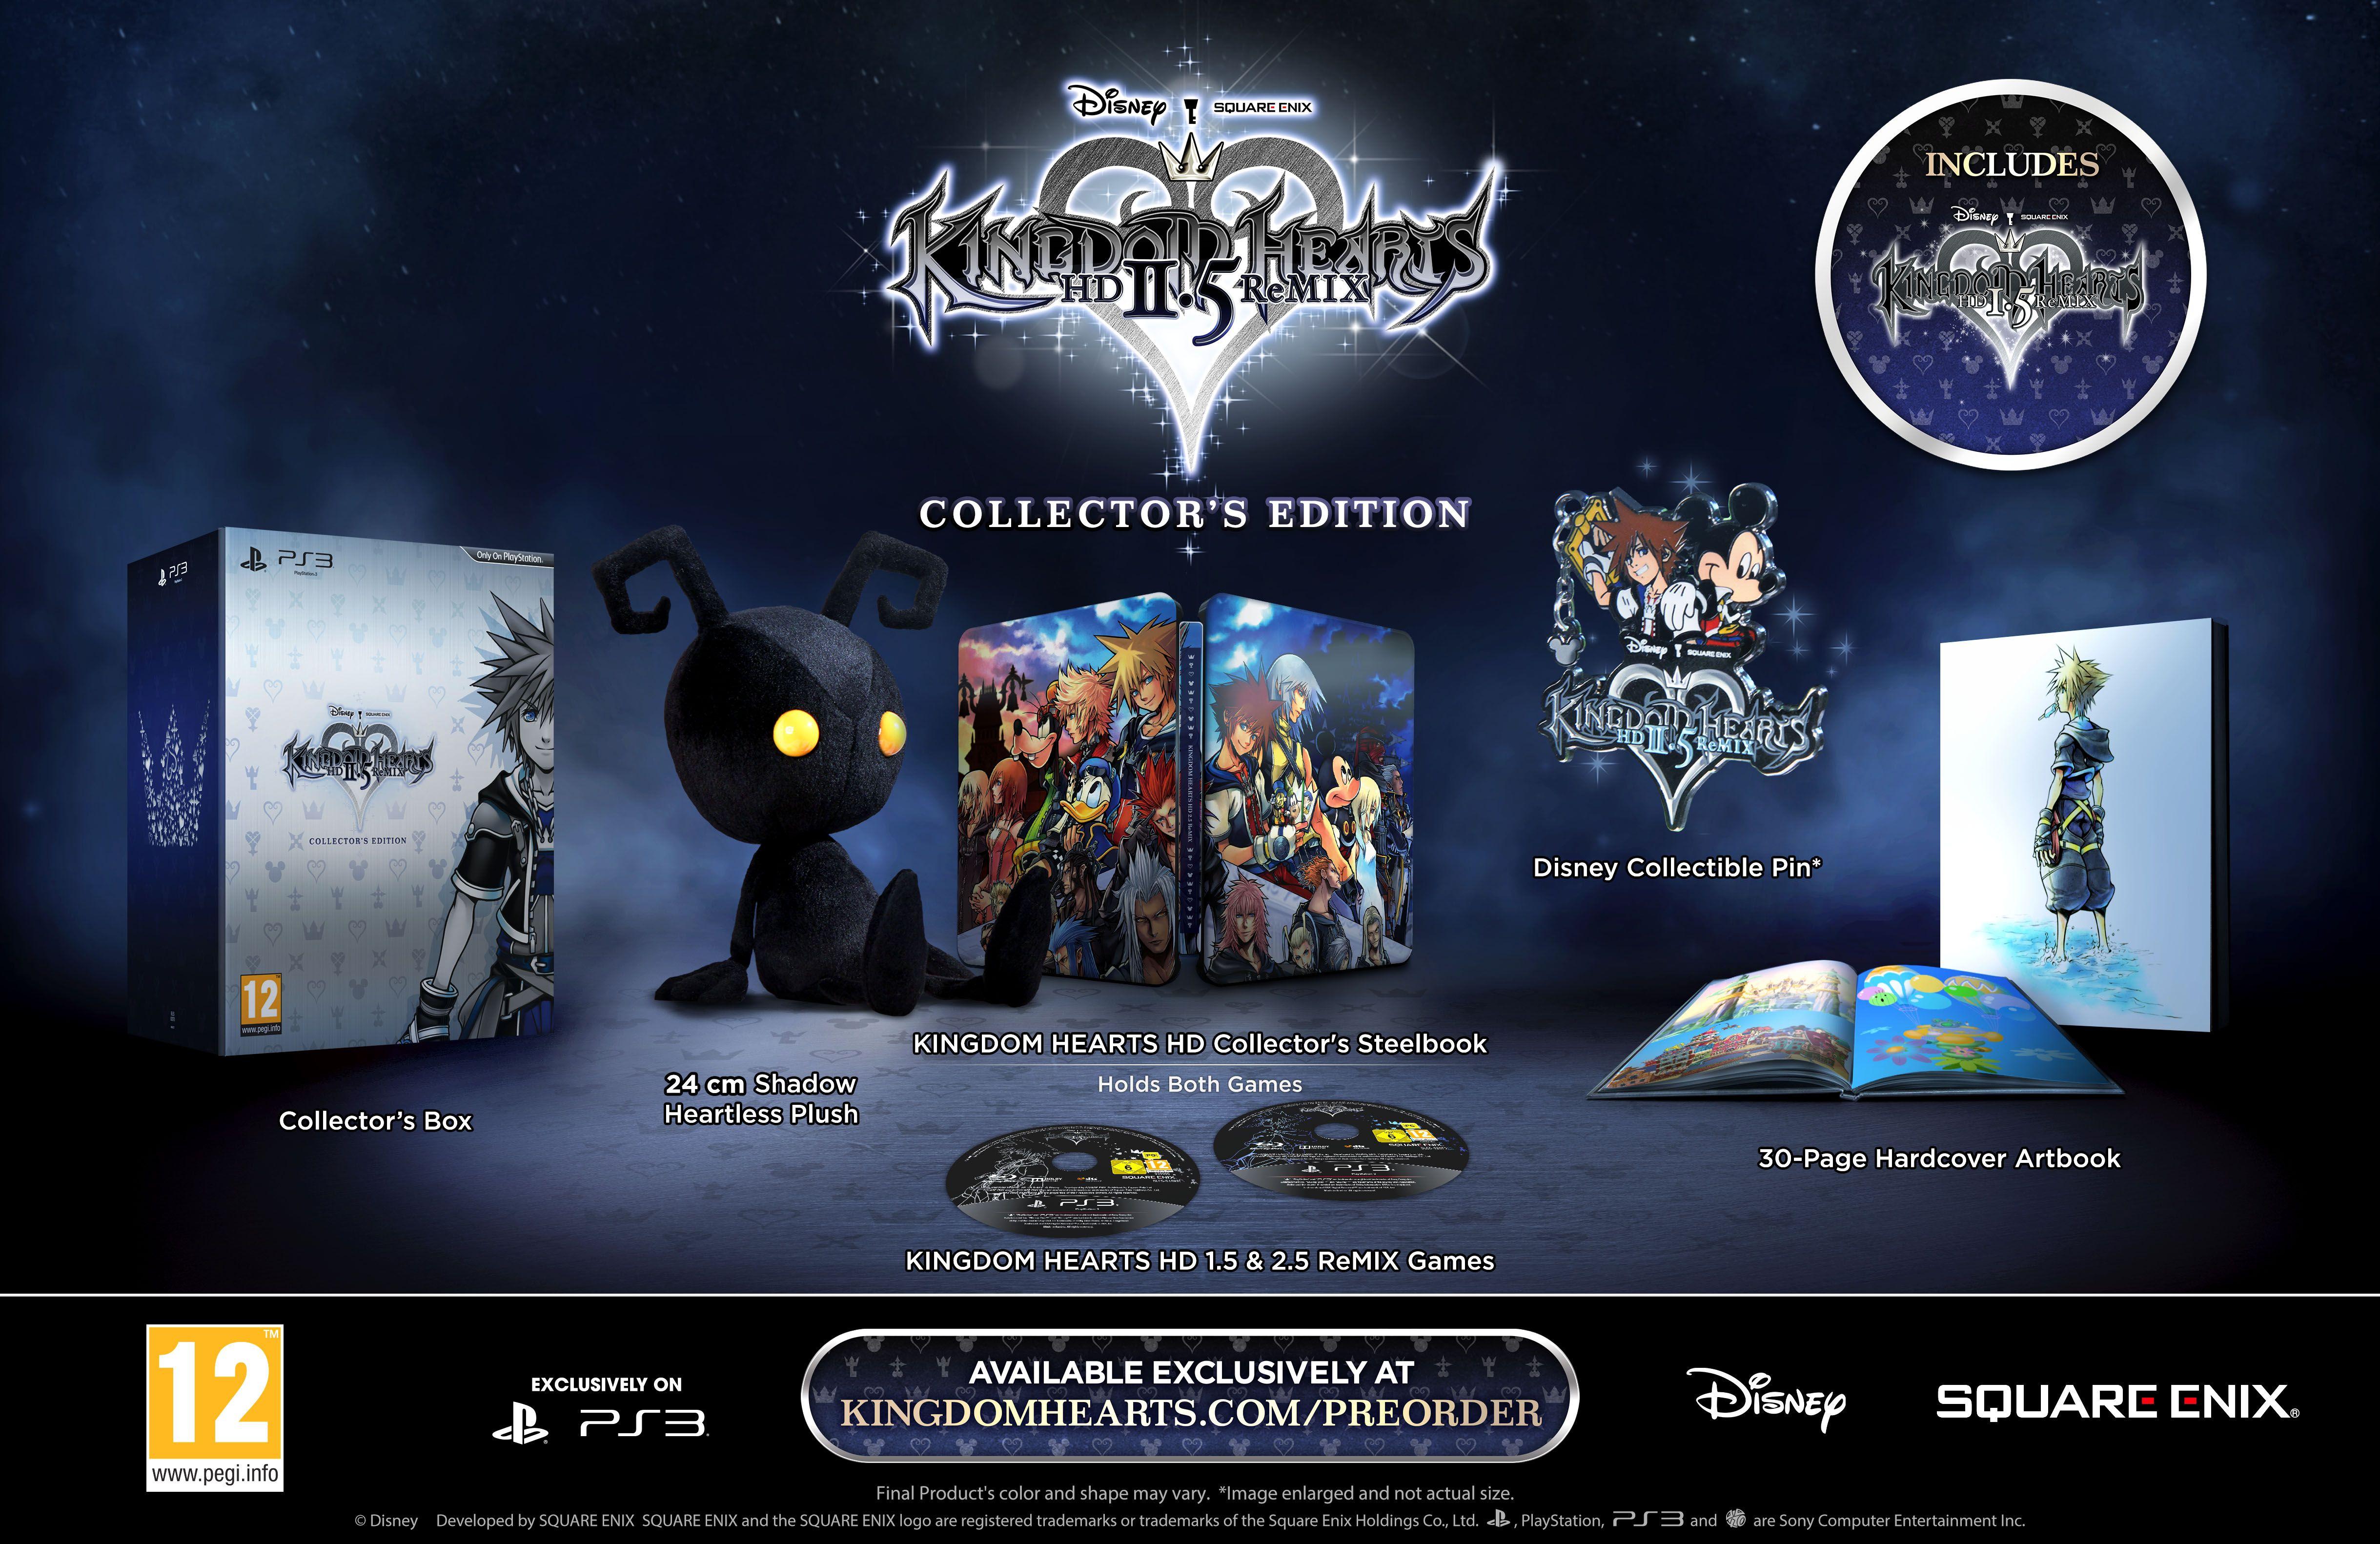 Kingdom Hearts HD 2.5 Remix CE 01